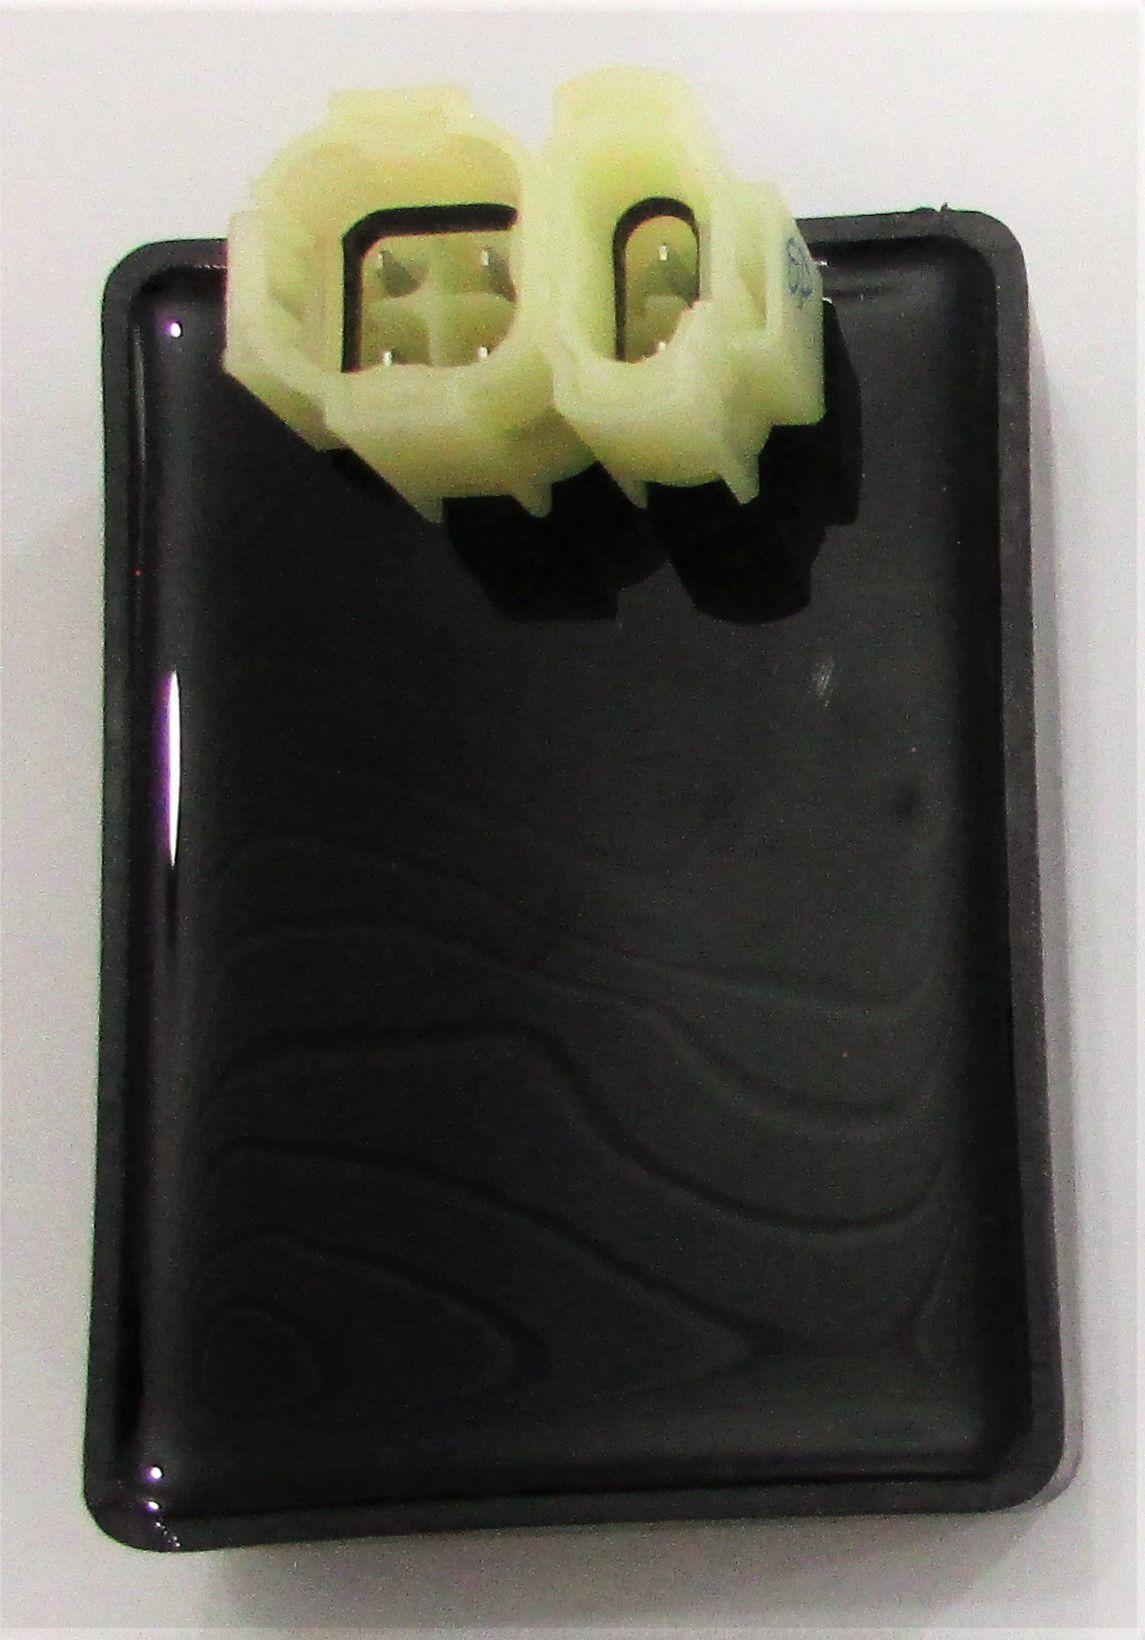 Central da Ignição CDI Modelo Similar Original Honda NX 350 SAHARA (1998+) (soquete cdi c/ 5 fios)